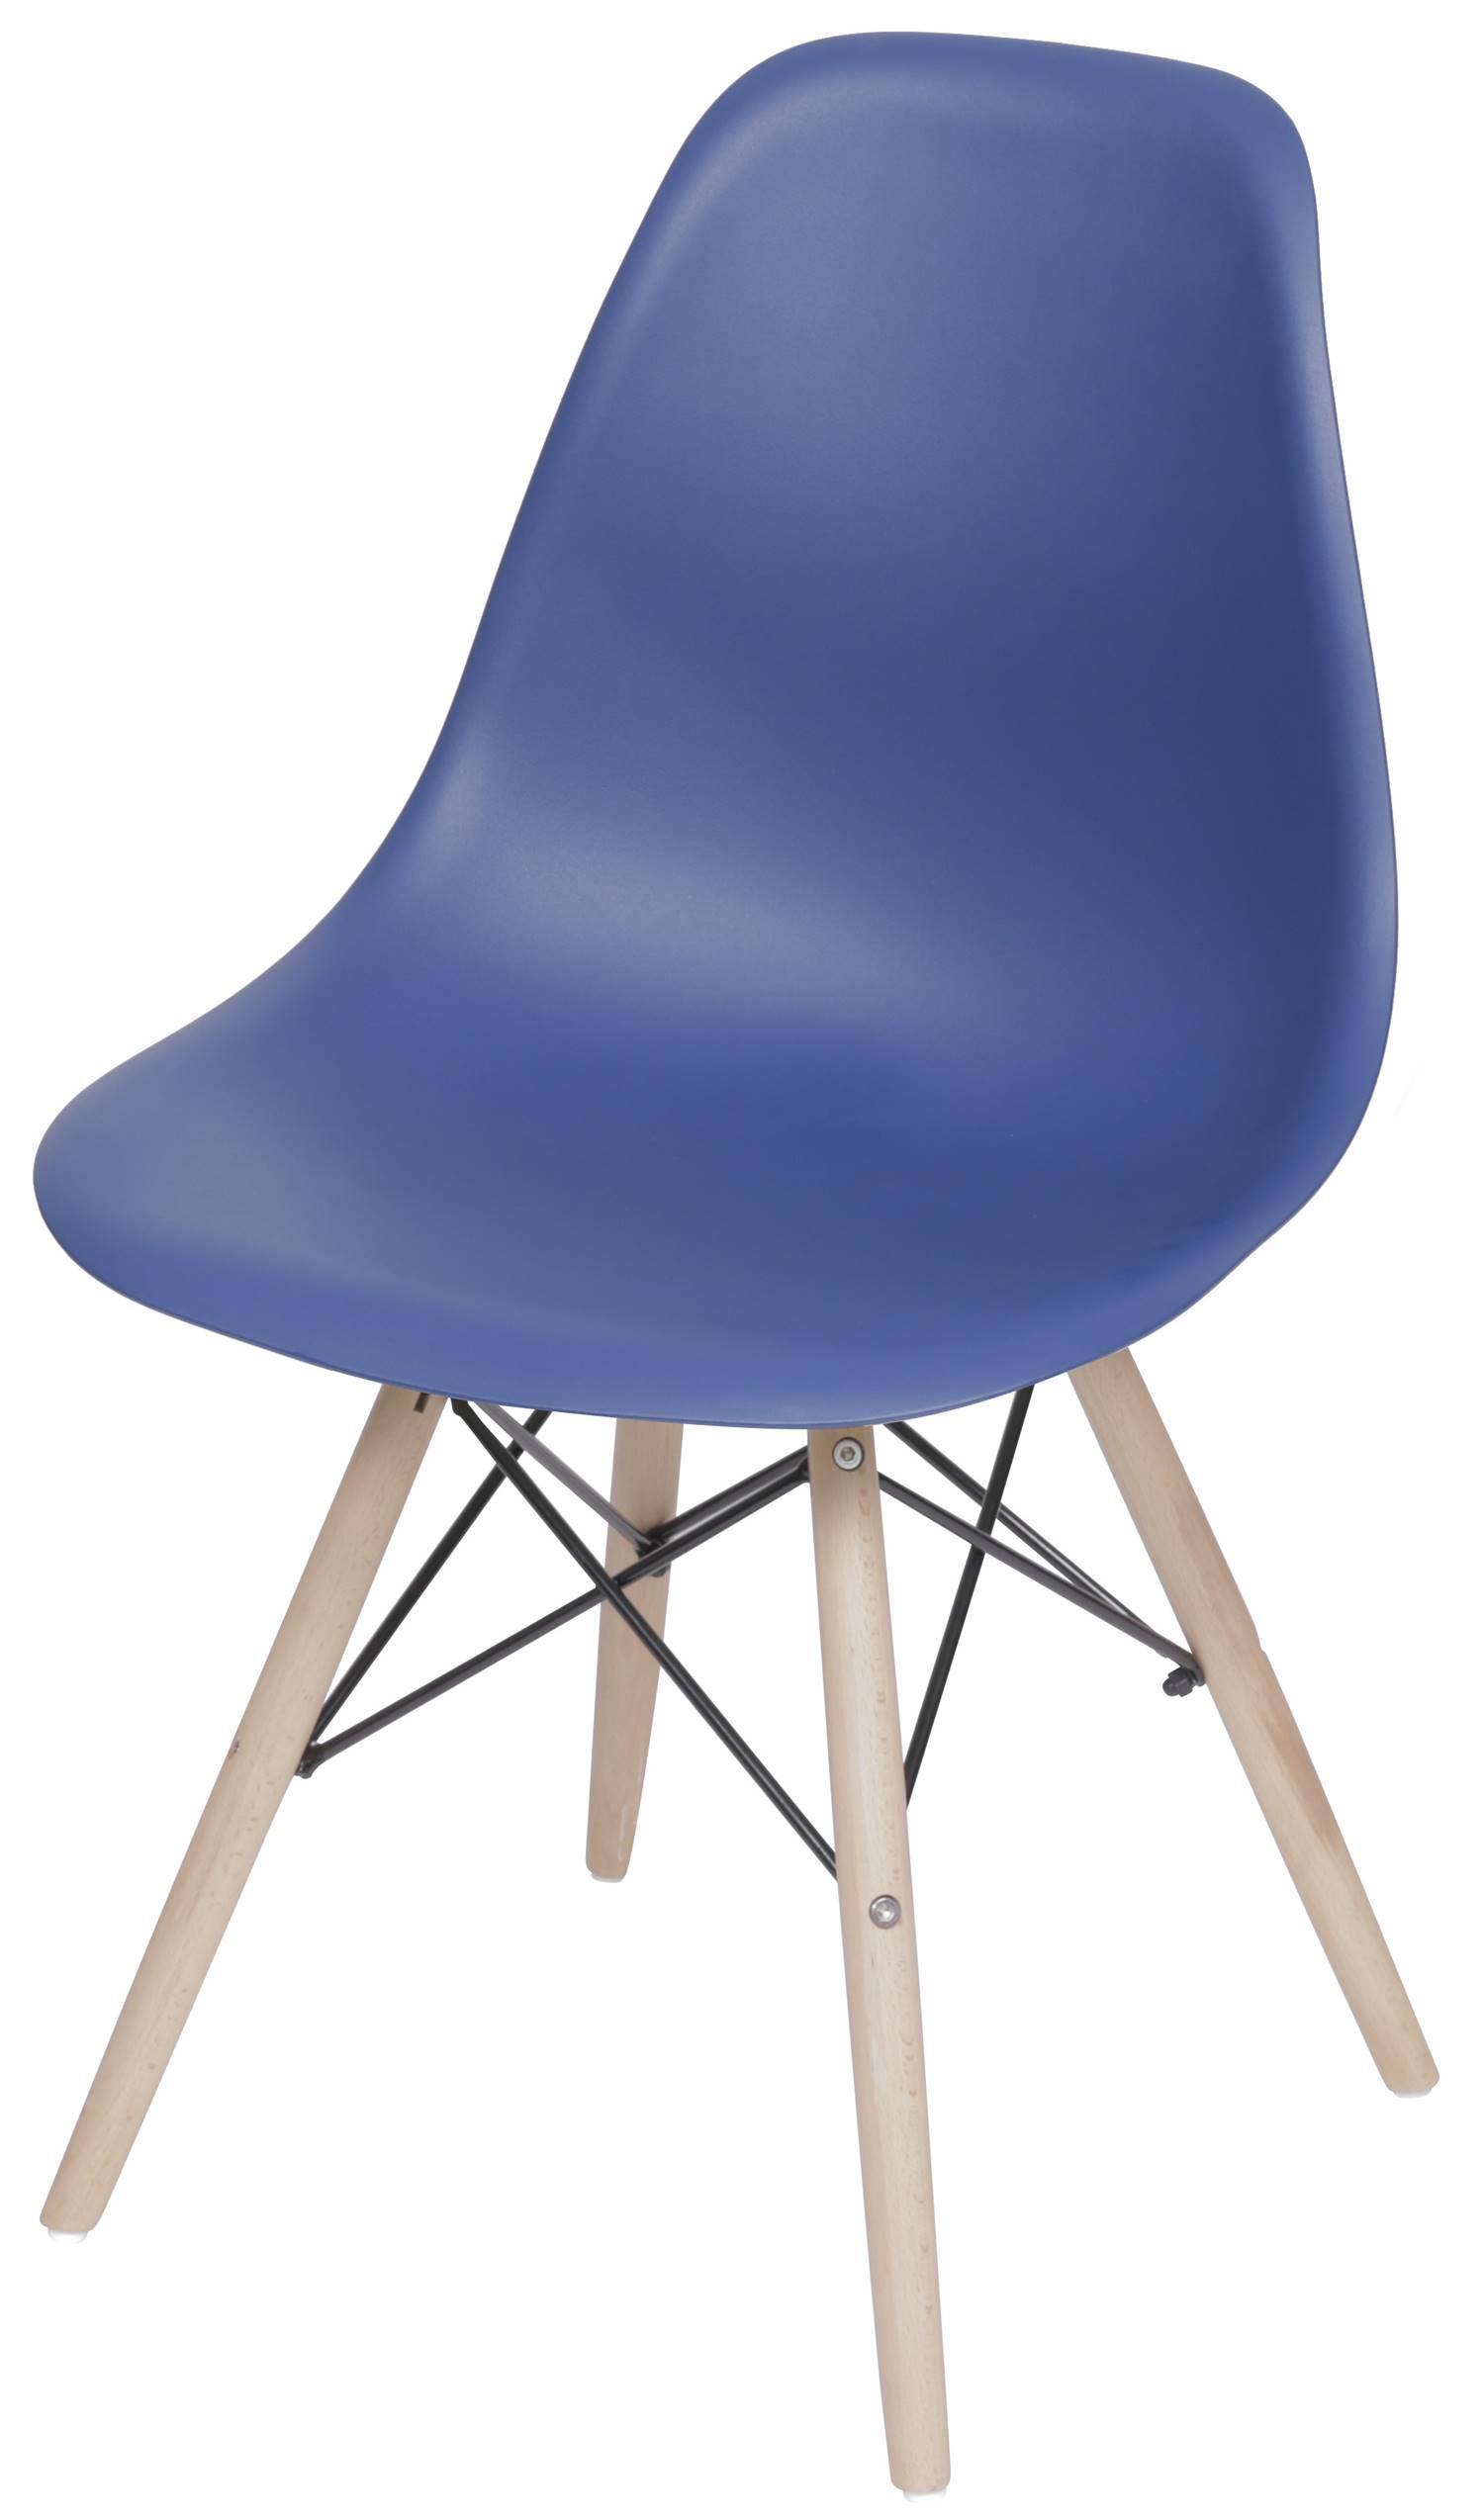 Cadeira Eames Polipropileno Azul Marinho Fosco Base Madeira - 49322